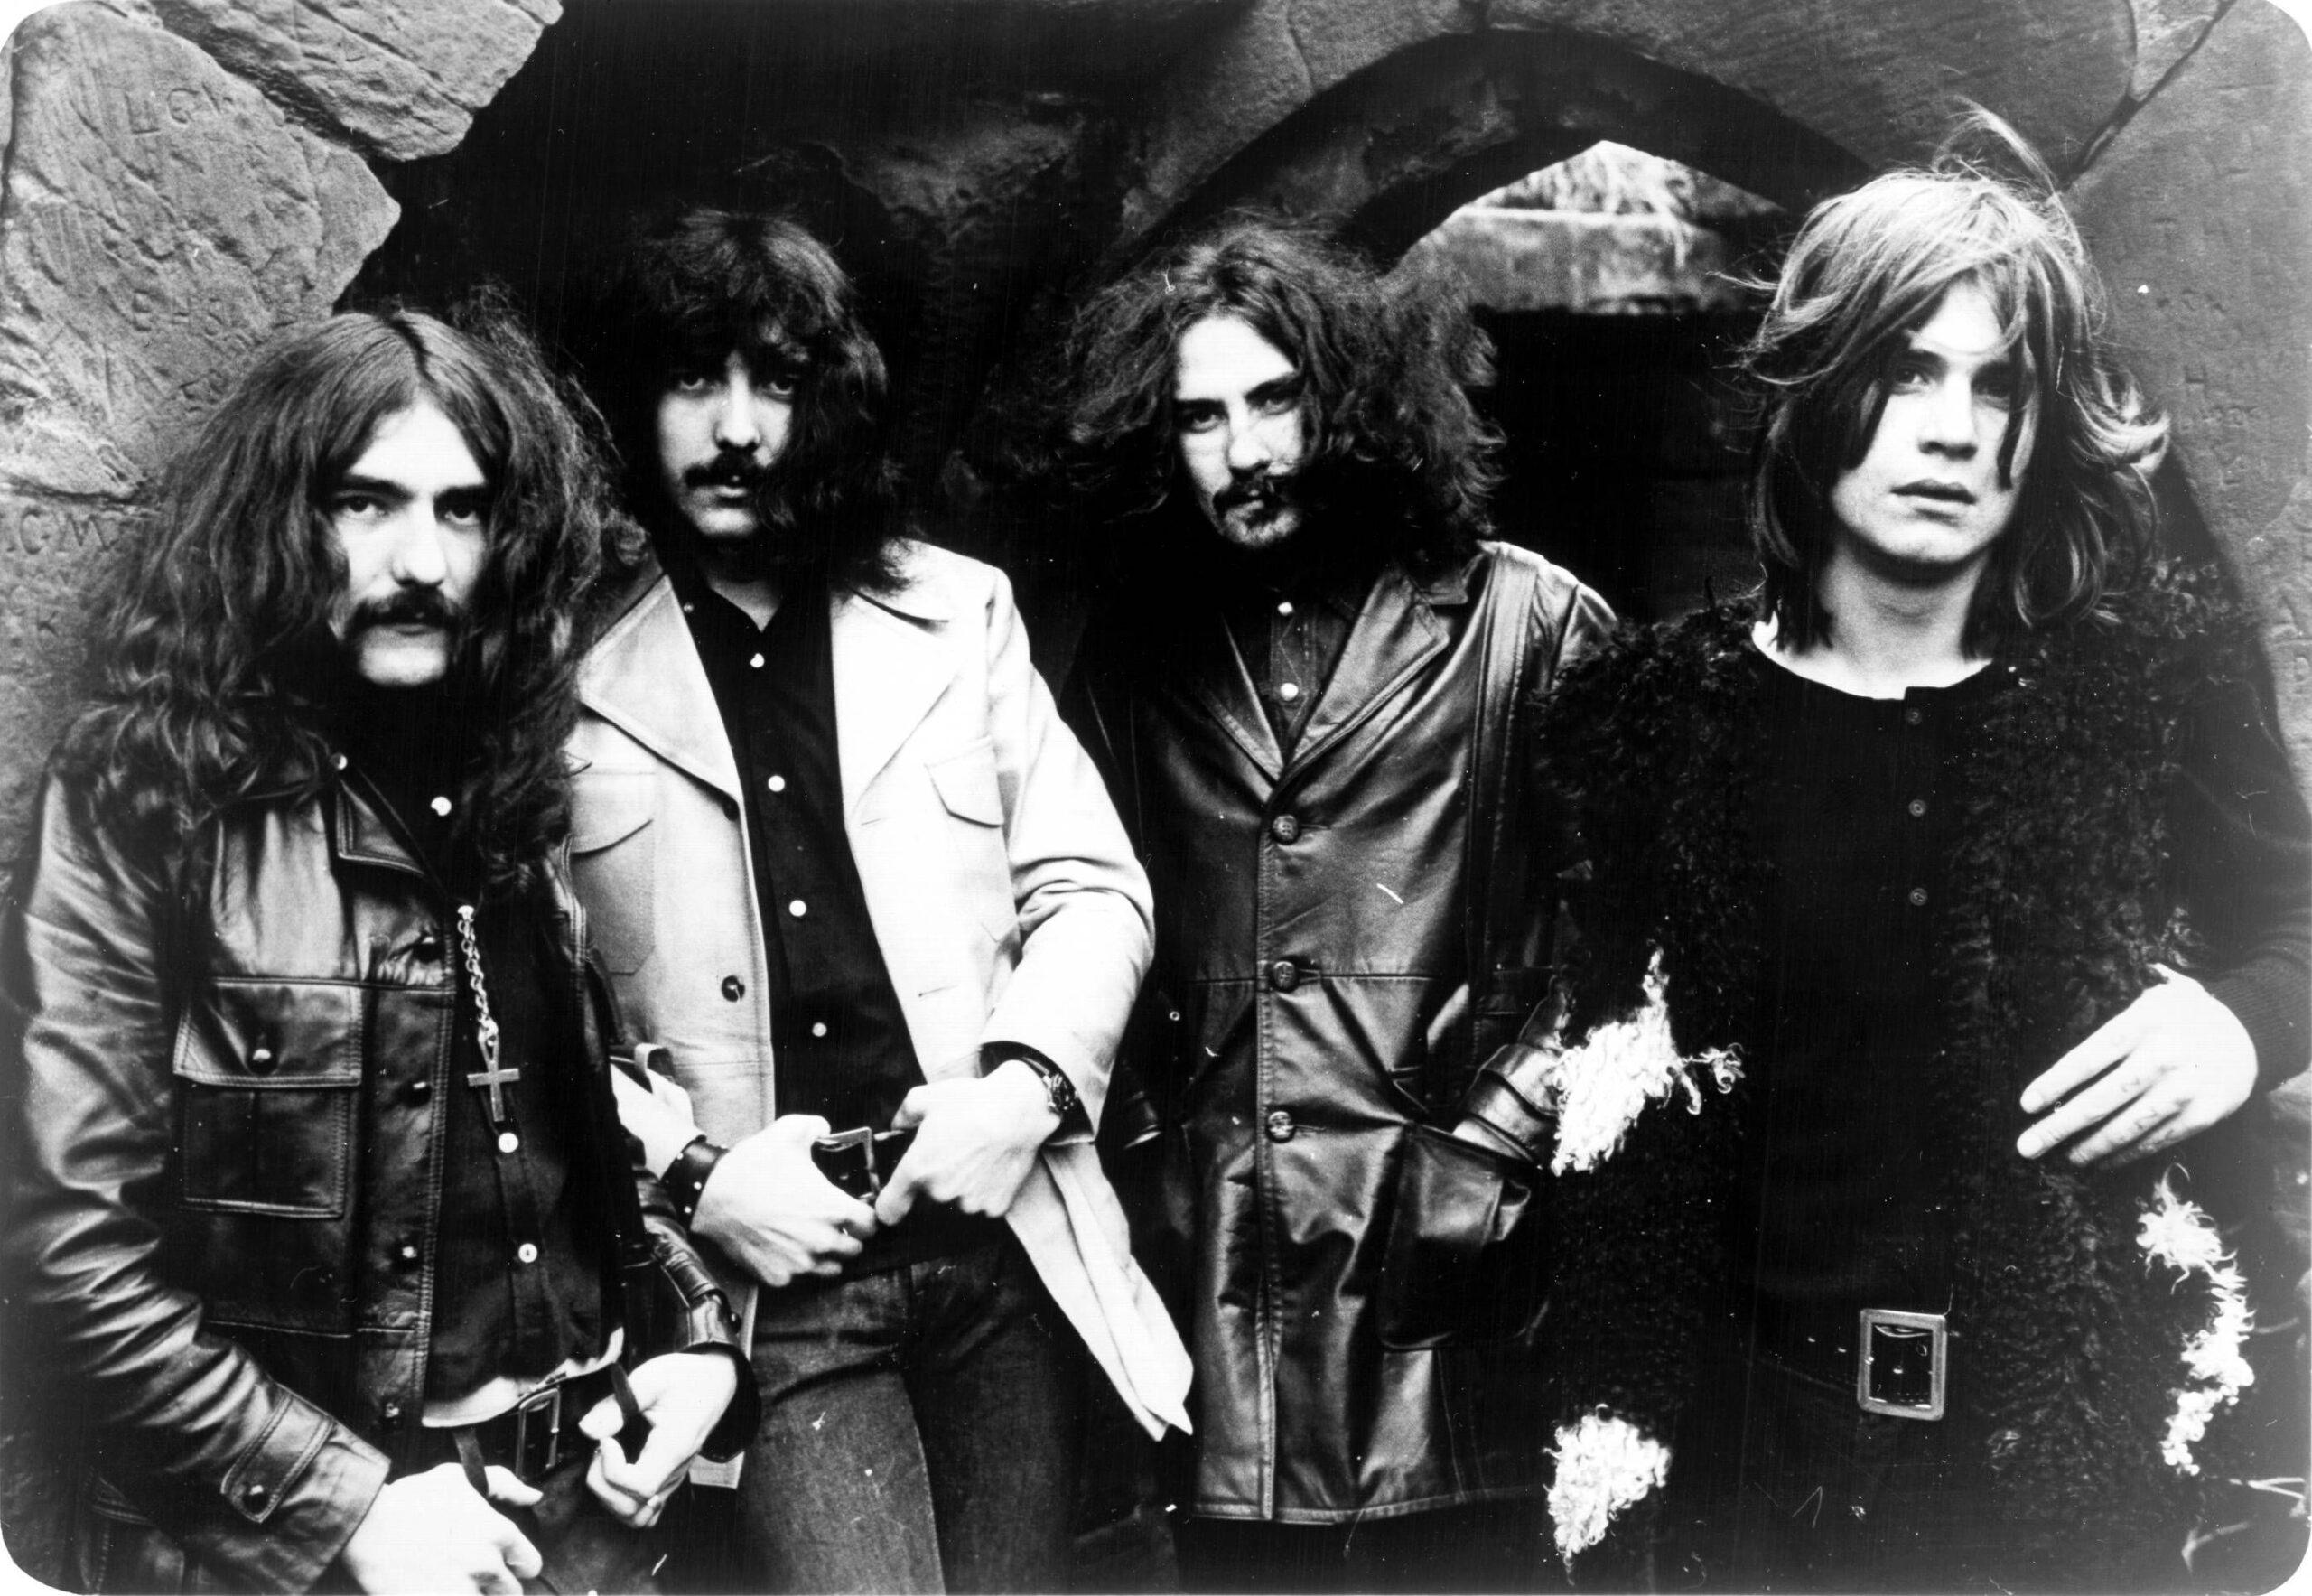 Le migliori canzoni dei Black Sabbath